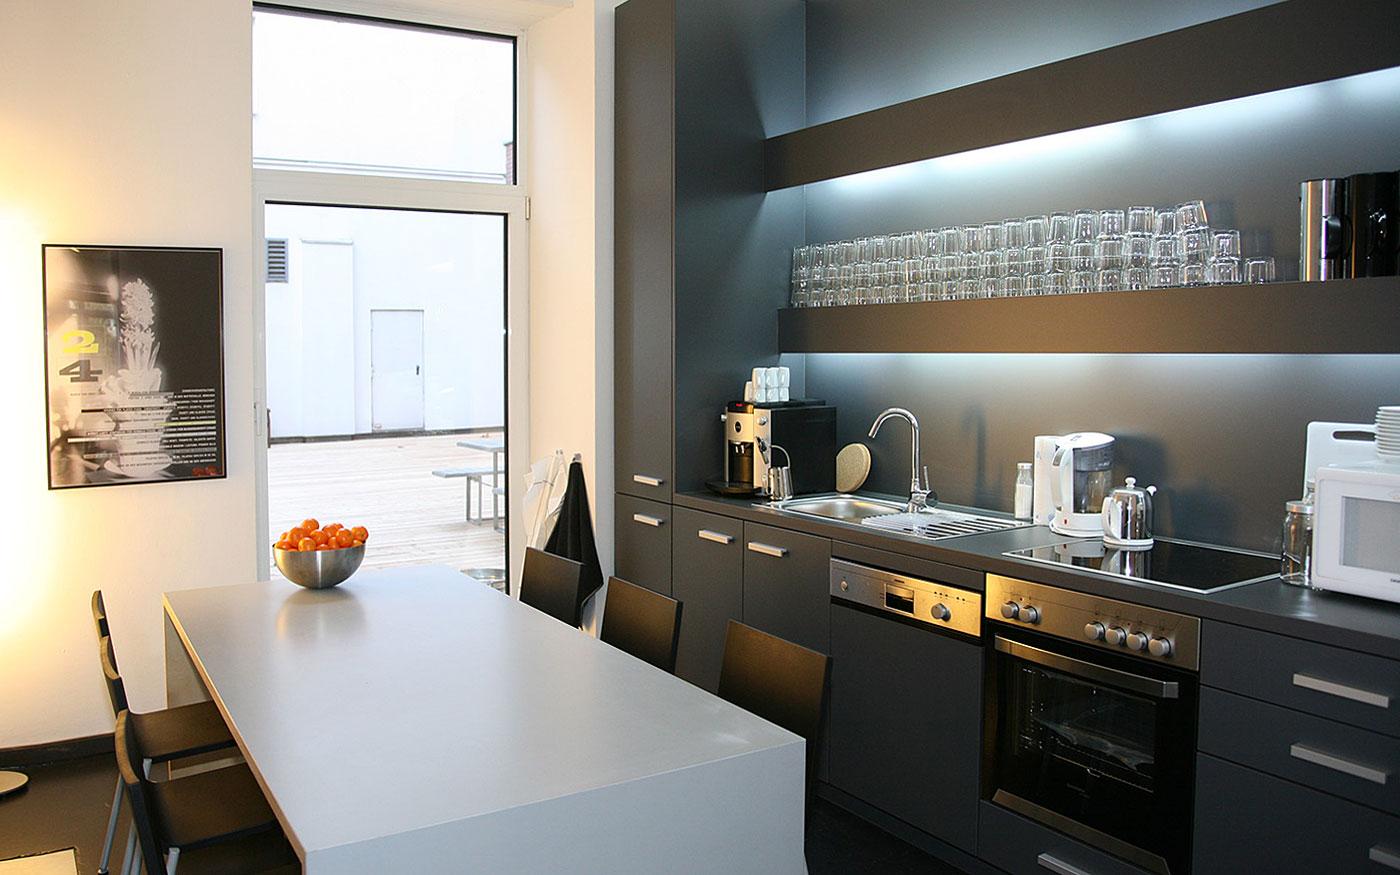 Moderne dunkle Küche und heller Esstisch